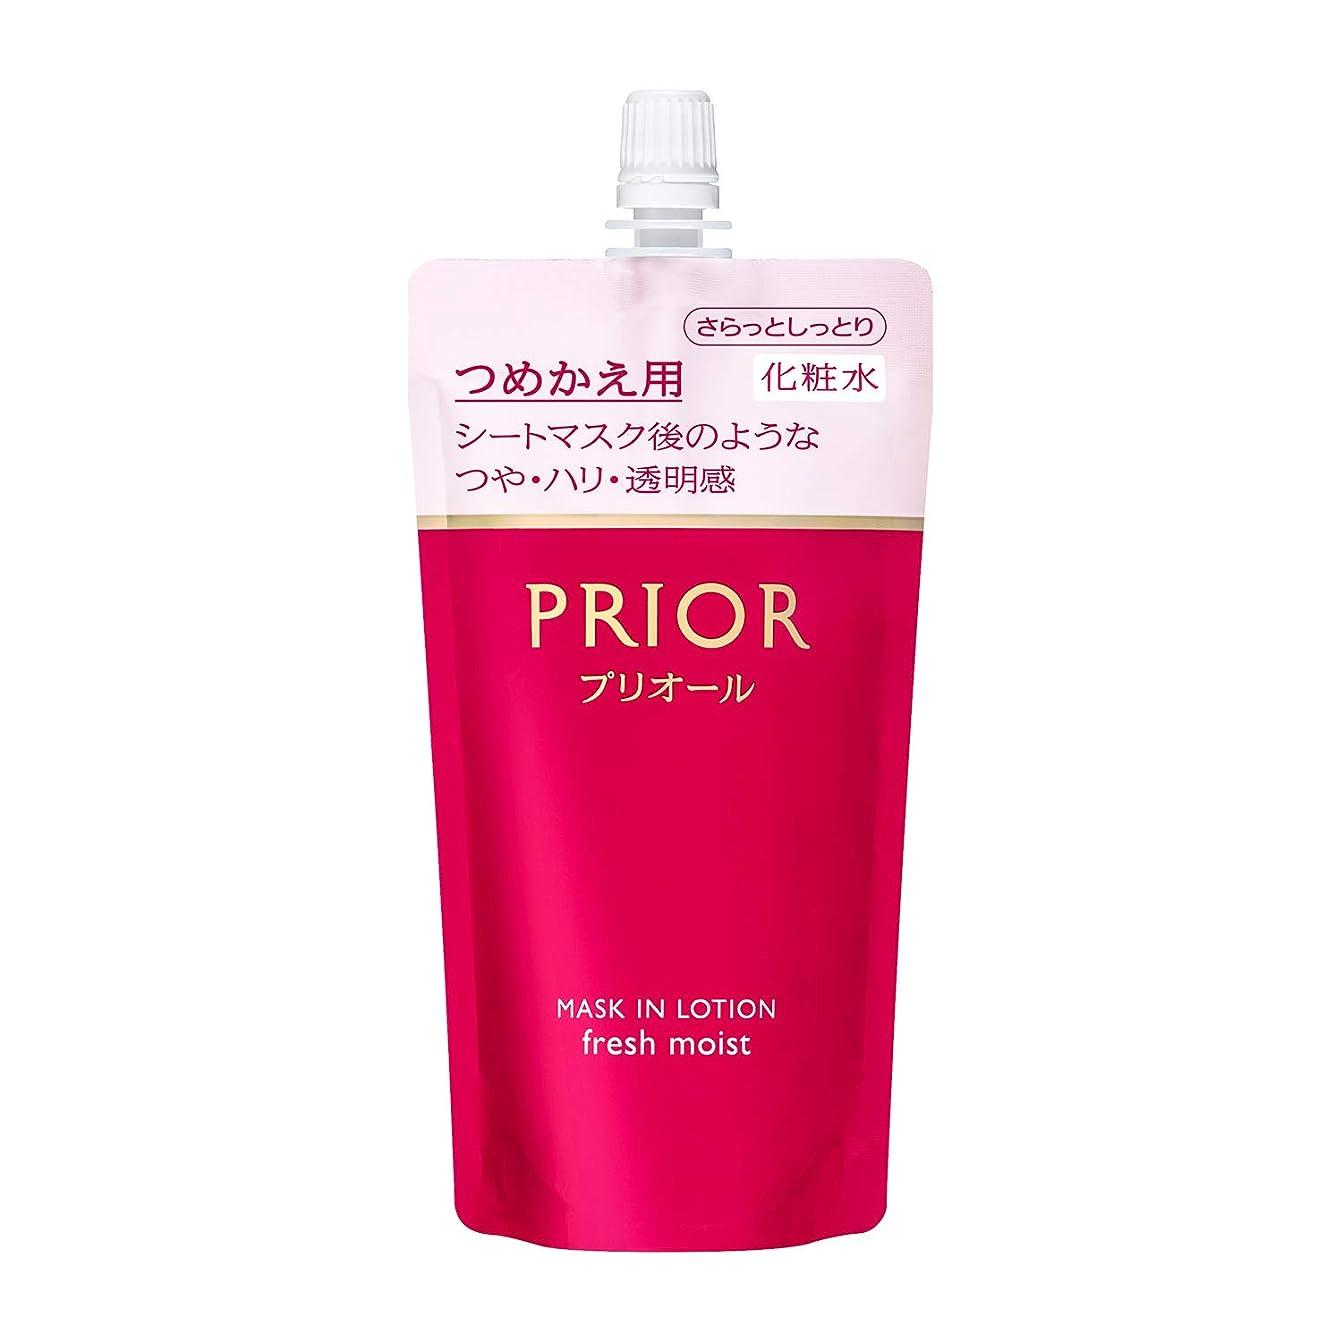 ダース補充ラオス人プリオール マスクイン化粧水 (さらっとしっとり) (つめかえ用) 140mL